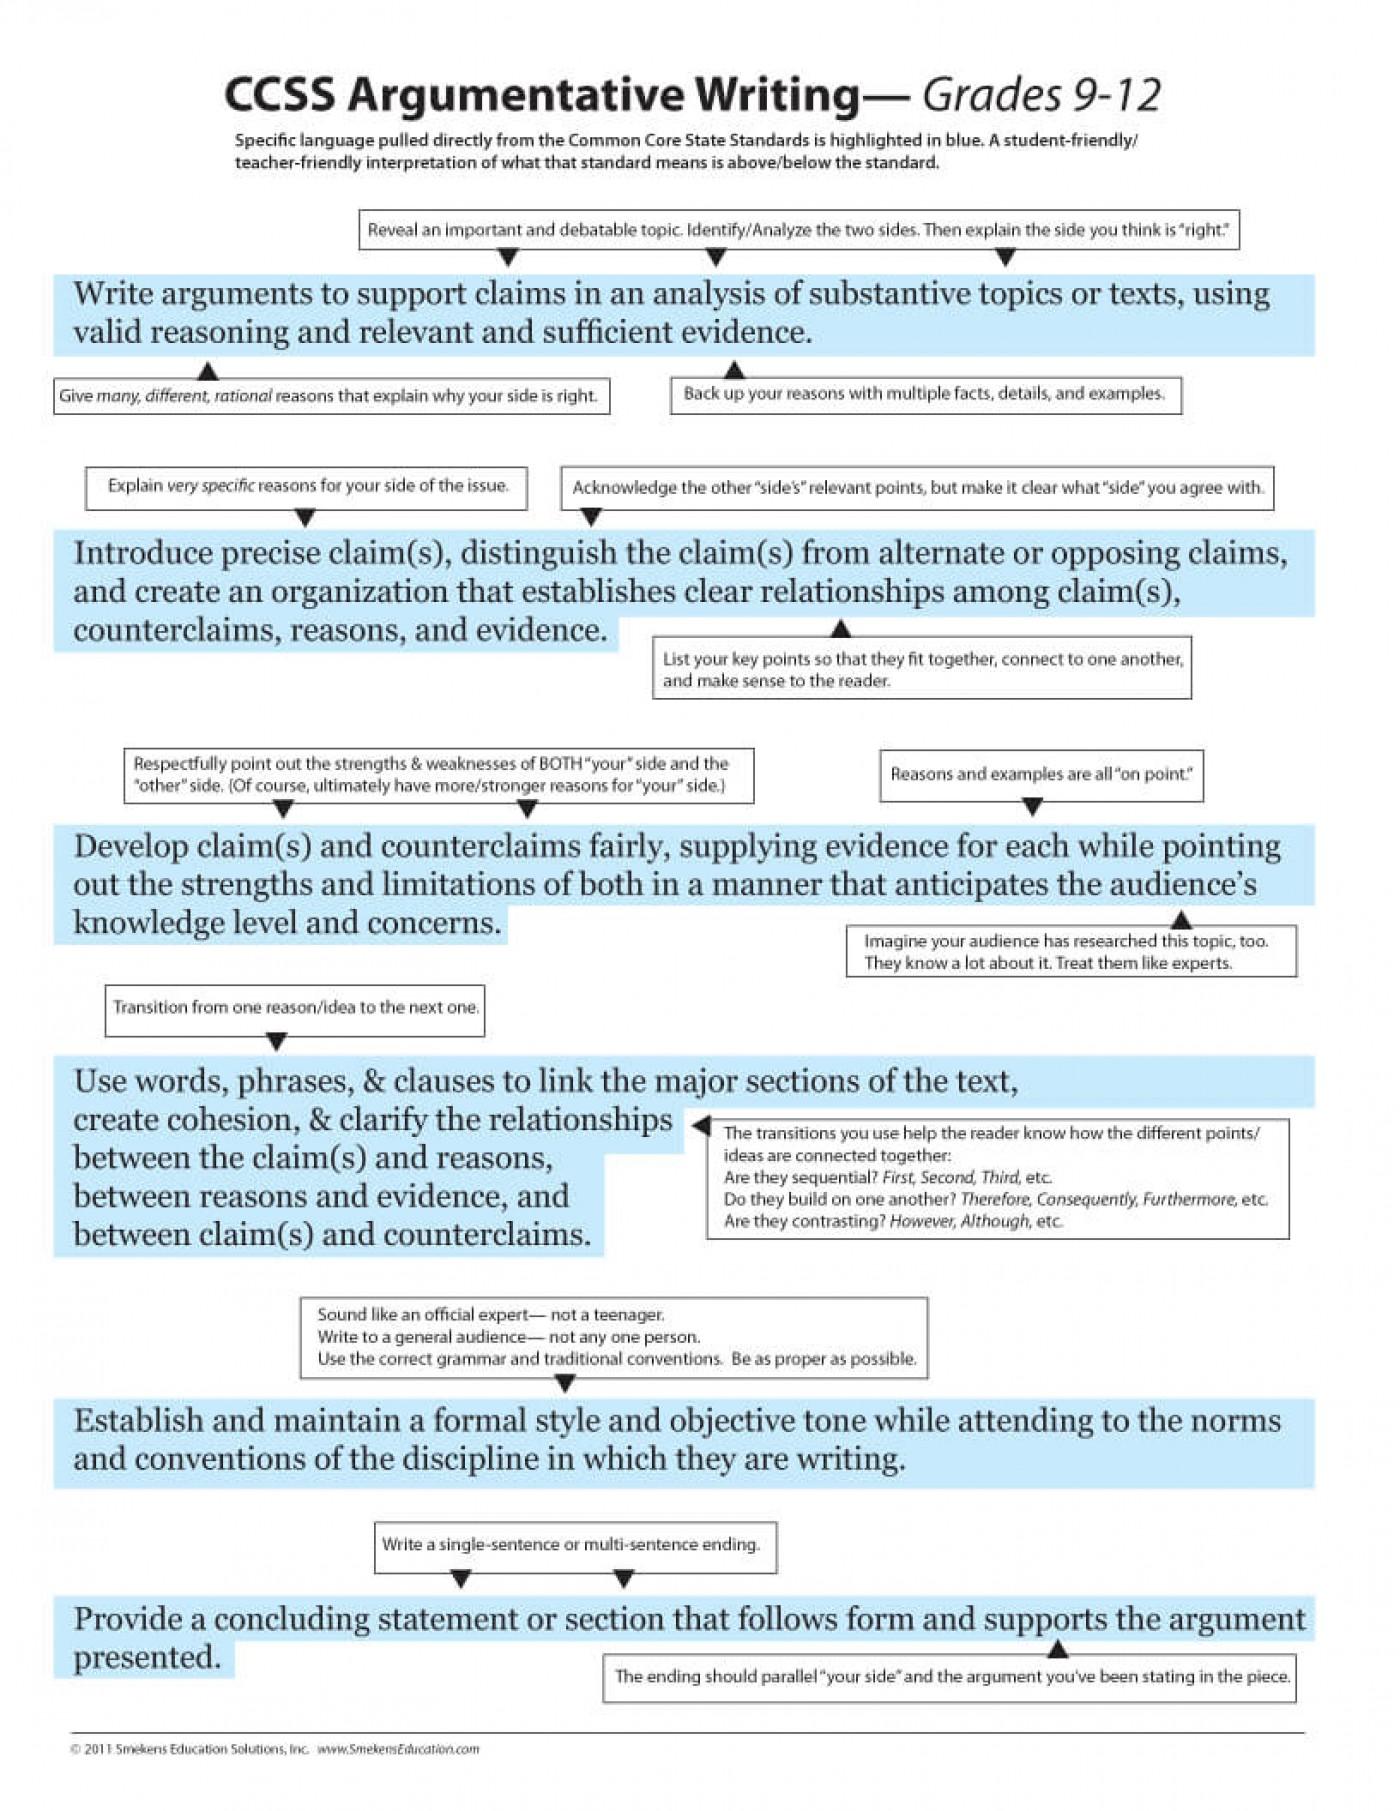 005 Parts Of Persuasive Essay Ccss Argumentative Grade 9 12o Imposing 6 A 1400